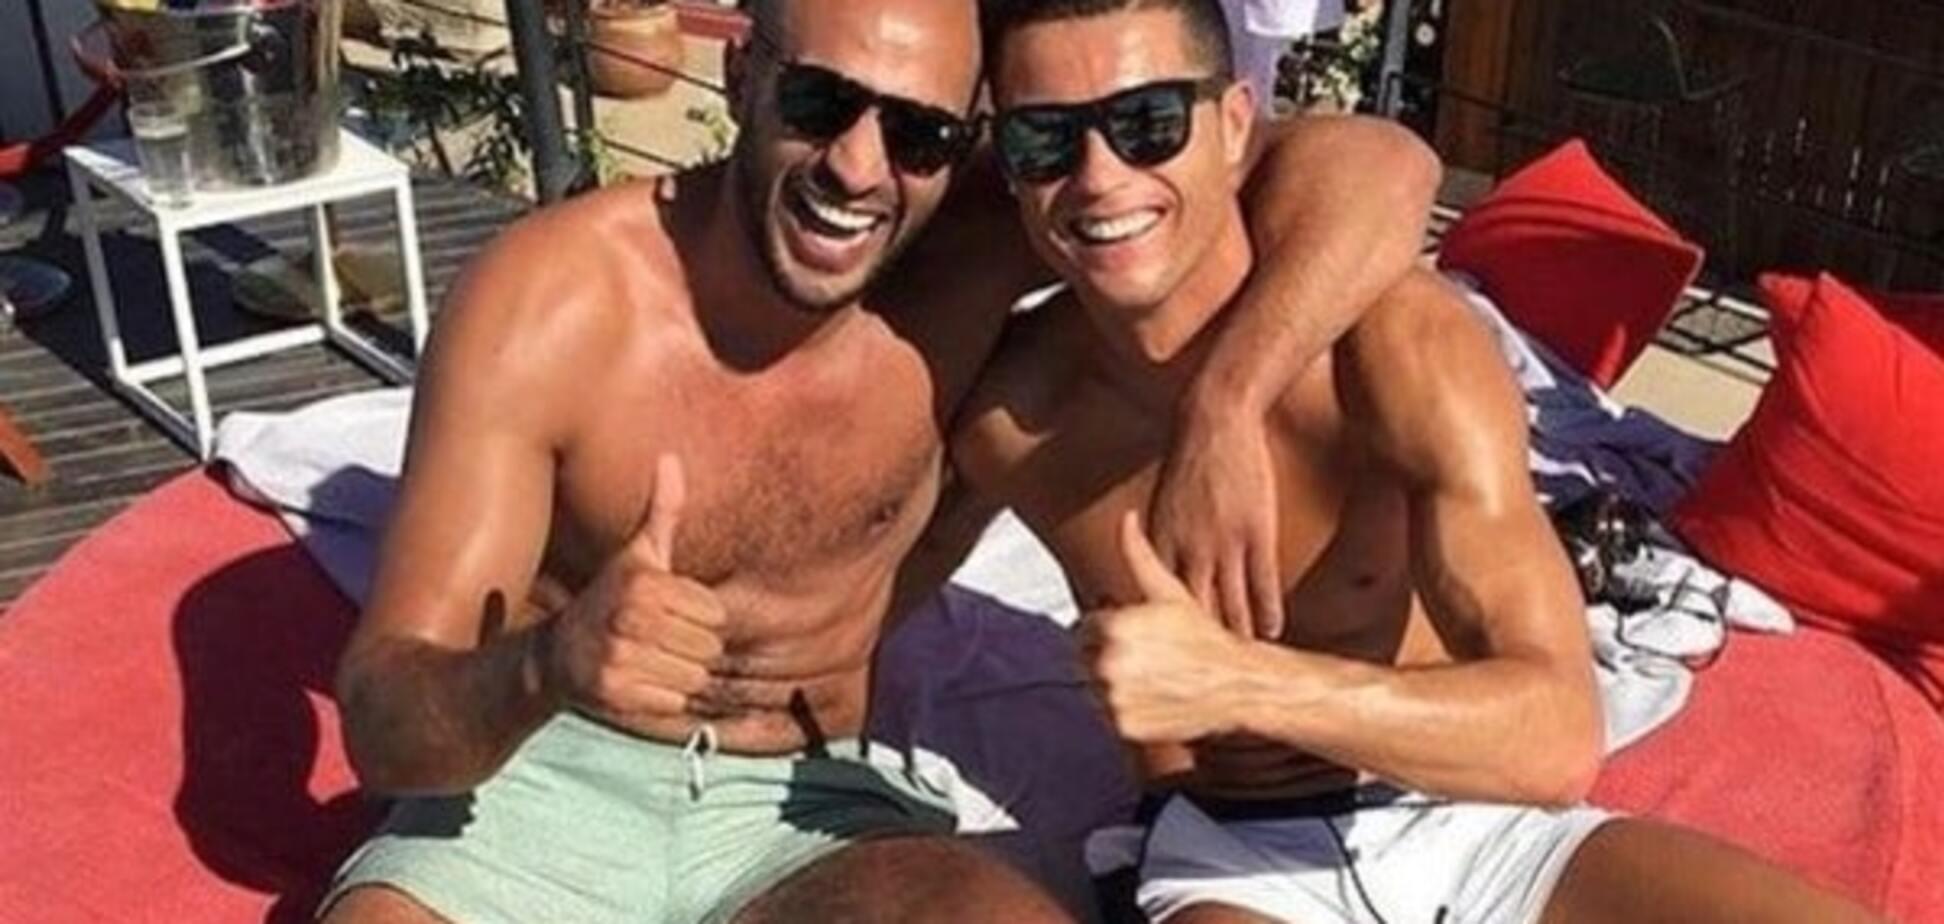 СМИ шокировали романом Роналду с мужчиной: фото 'любовников'